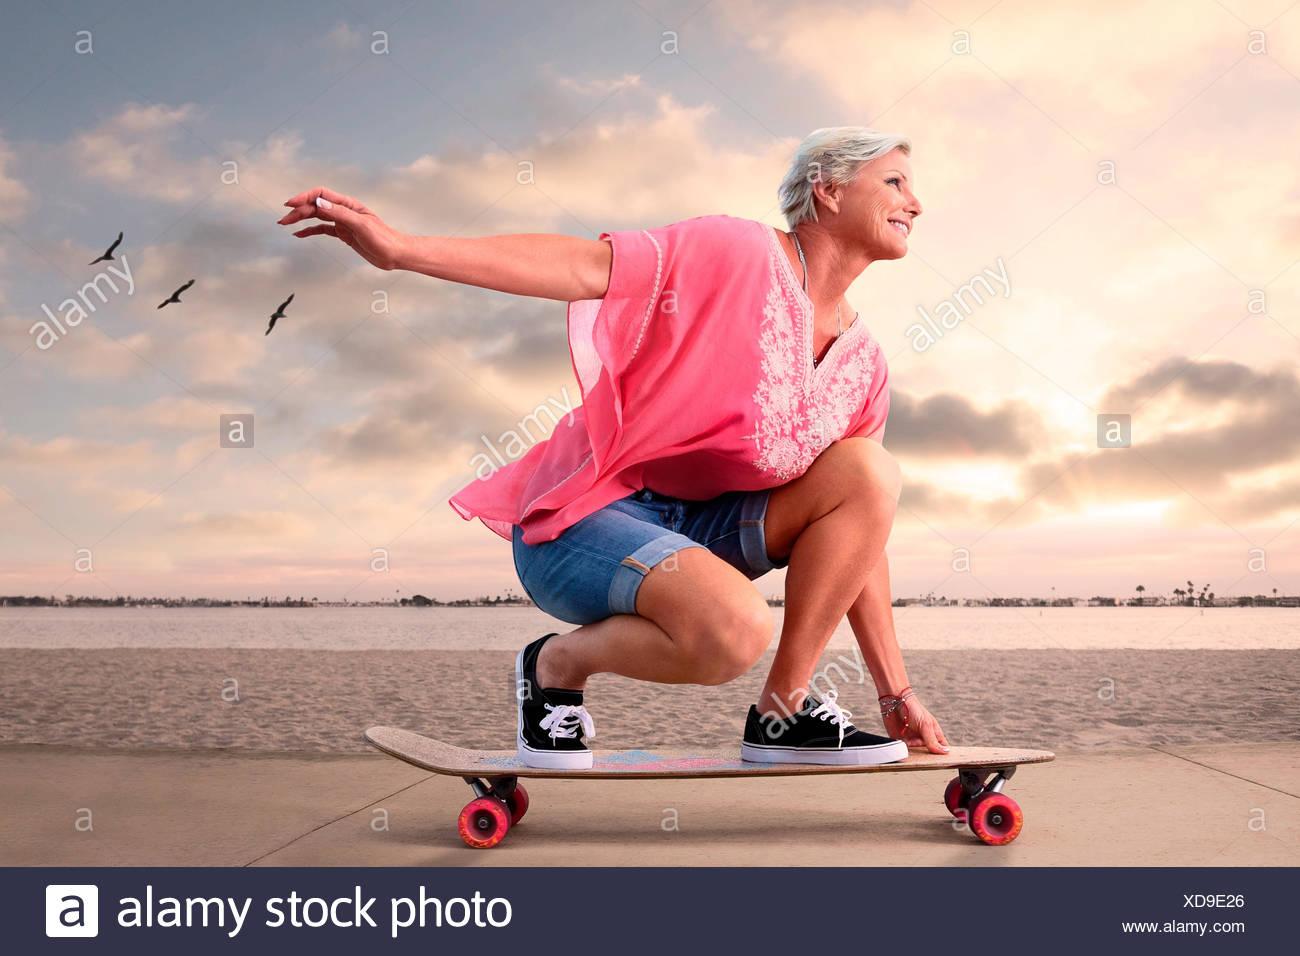 Jugendliches senior Frau auf skateboarding am Strand bei Sonnenuntergang, Vögel im Hintergrund. Stockbild